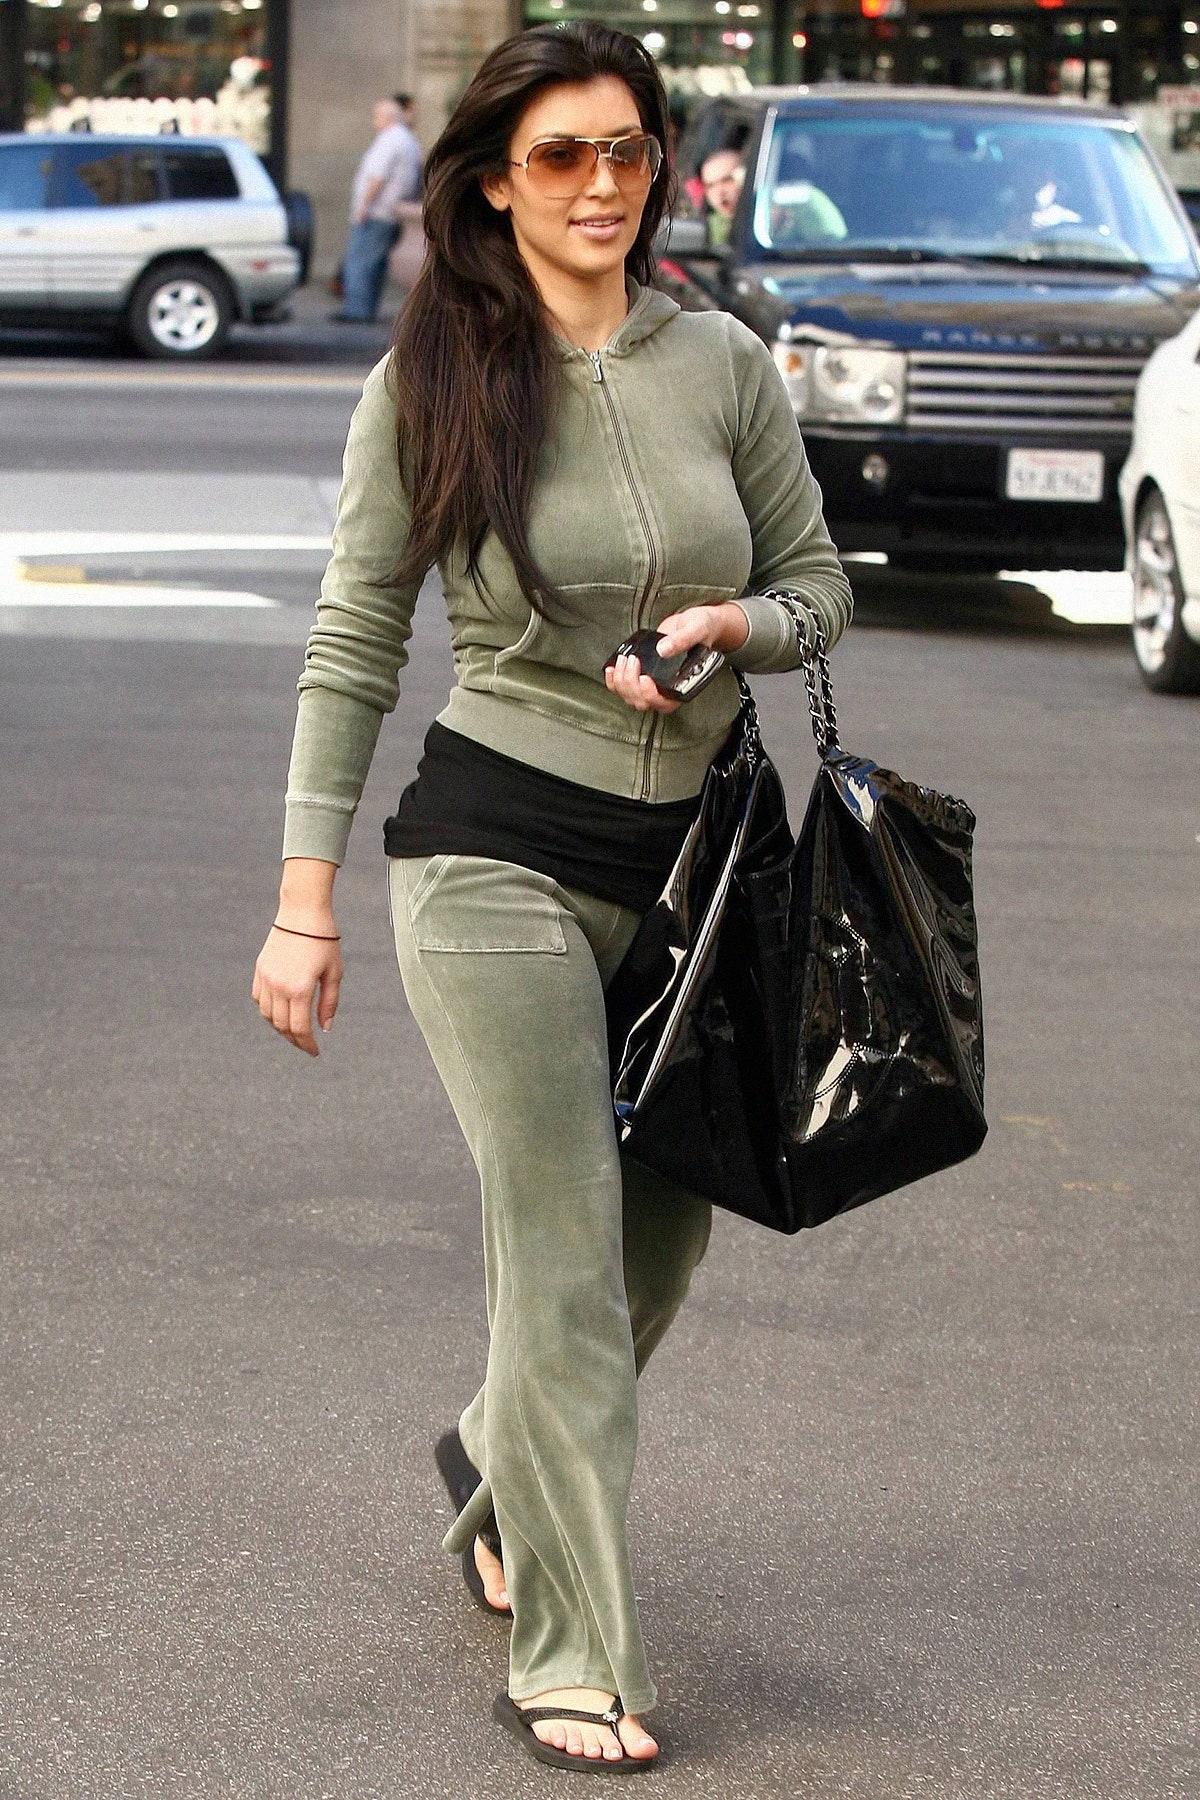 Ким Кардашьян — эволюция стиля Ким Кардашьян